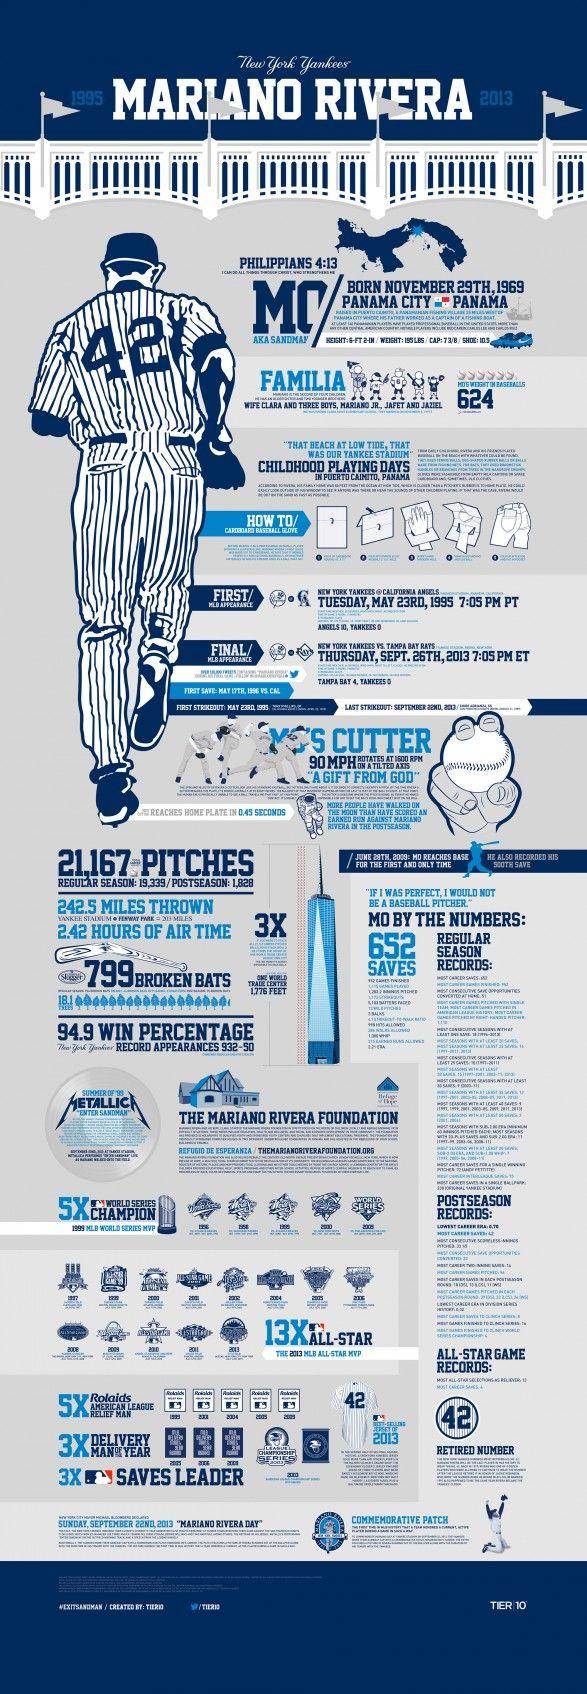 Mariano Rivera S Career Summarized In One Graphic New York Yankees Yankees New York Yankees Baseball